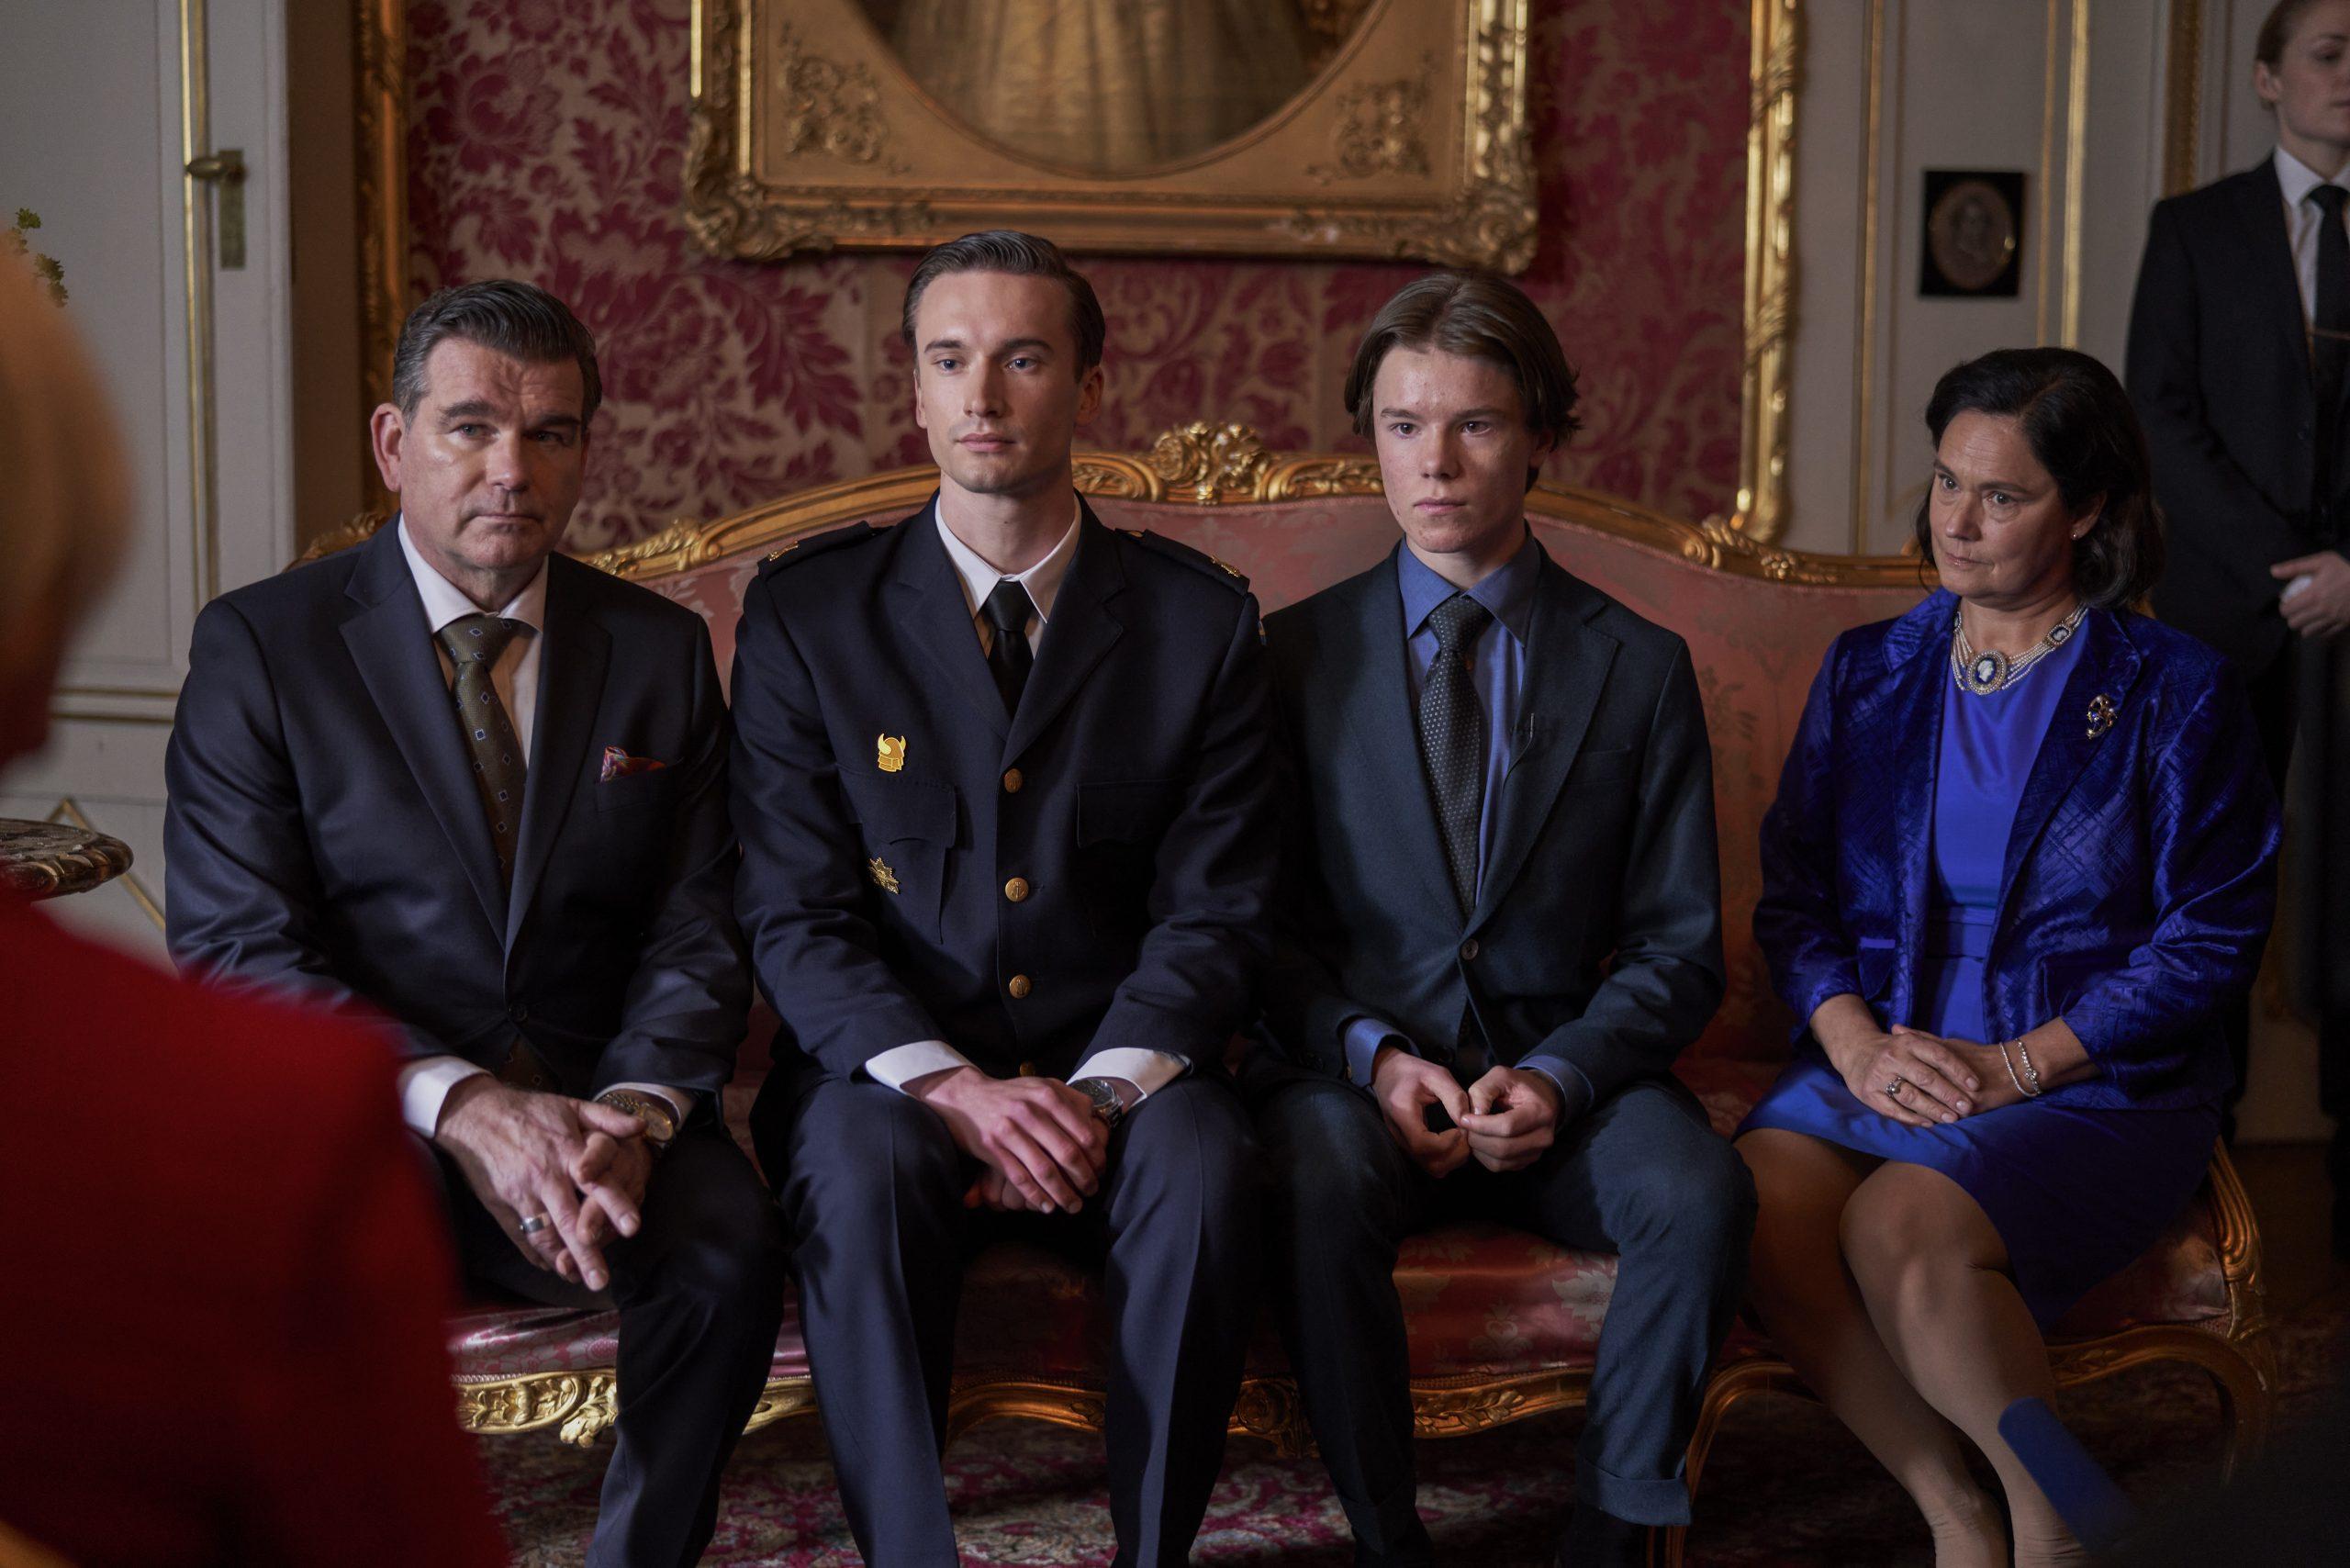 Young Royals Netflix